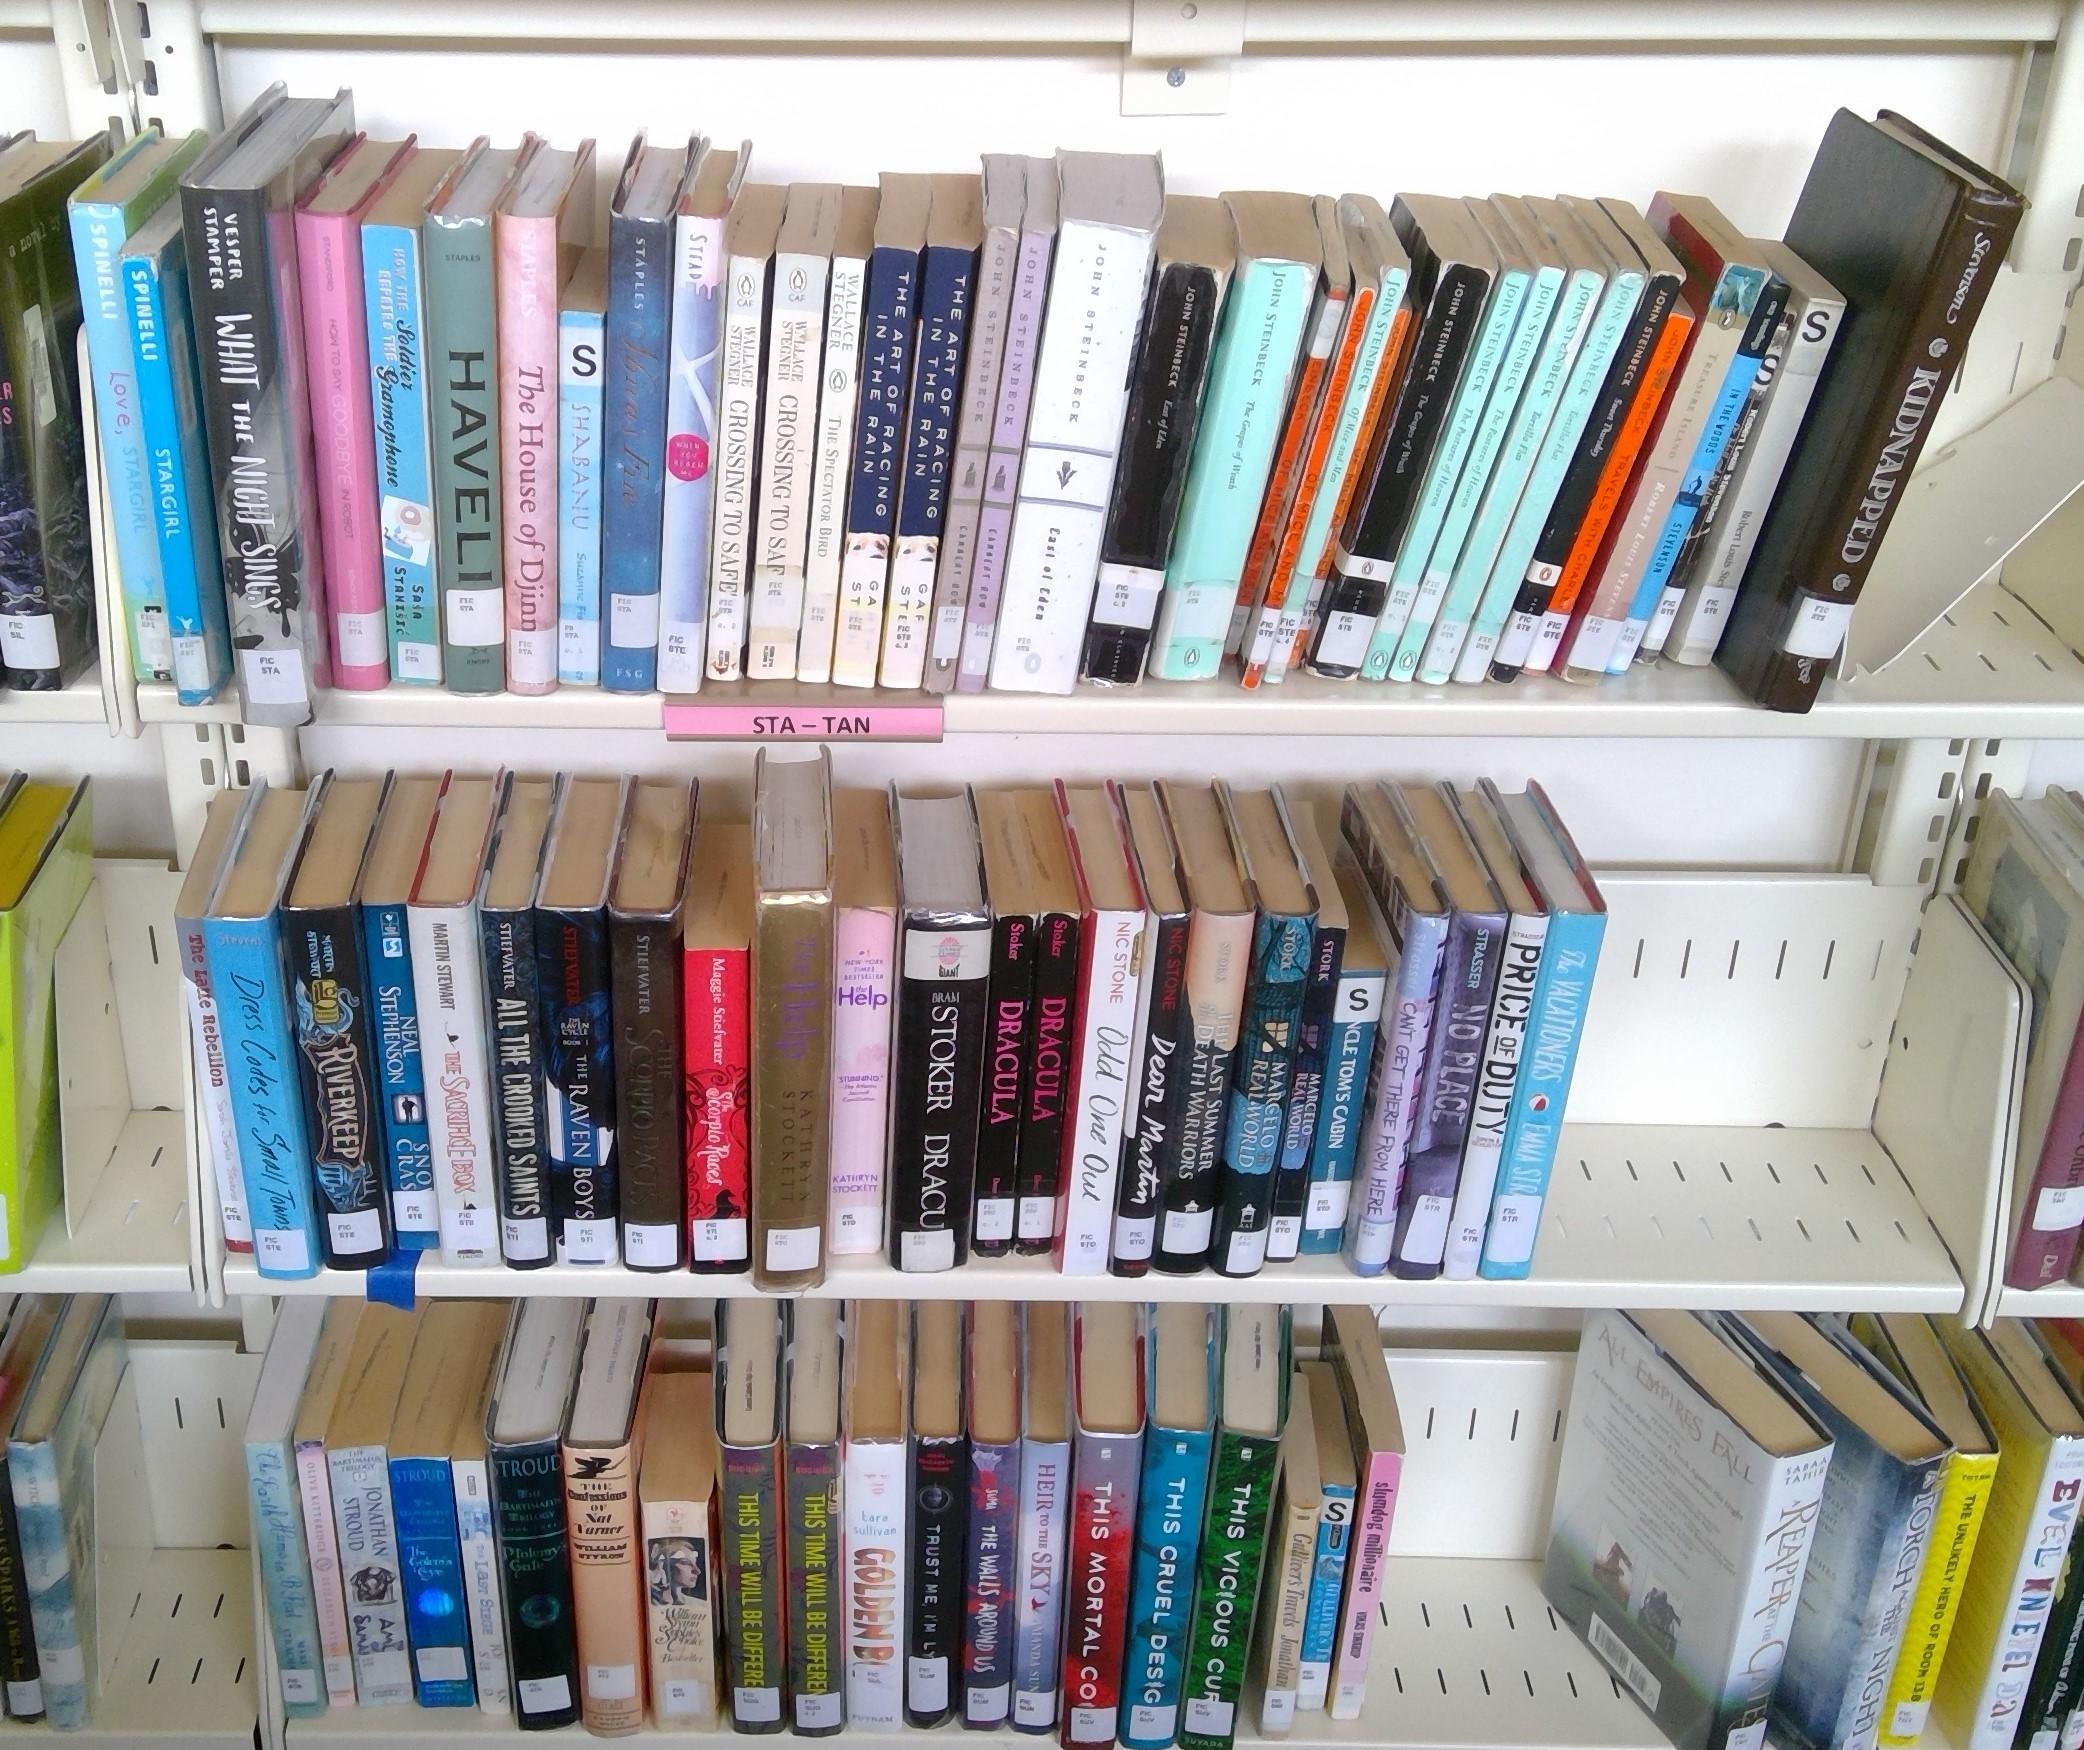 FIC Shelf 33